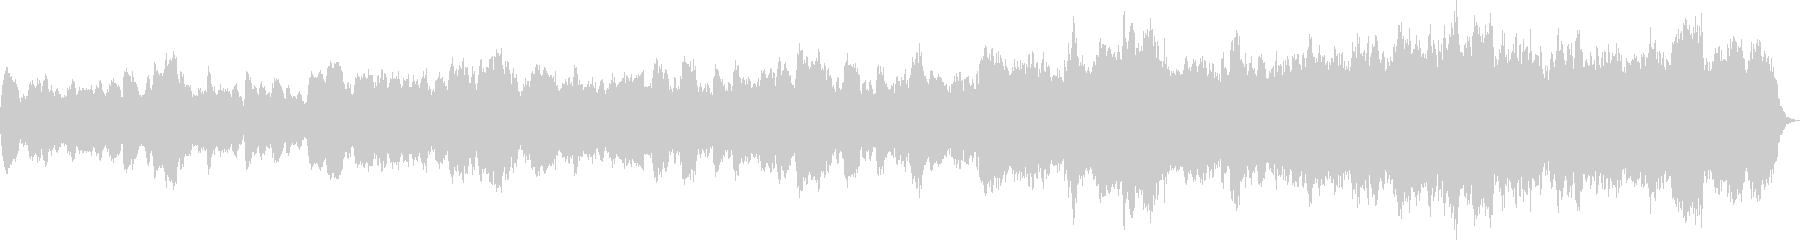 フルートとチェンバロの中世ルネッサンス風の未再生の波形